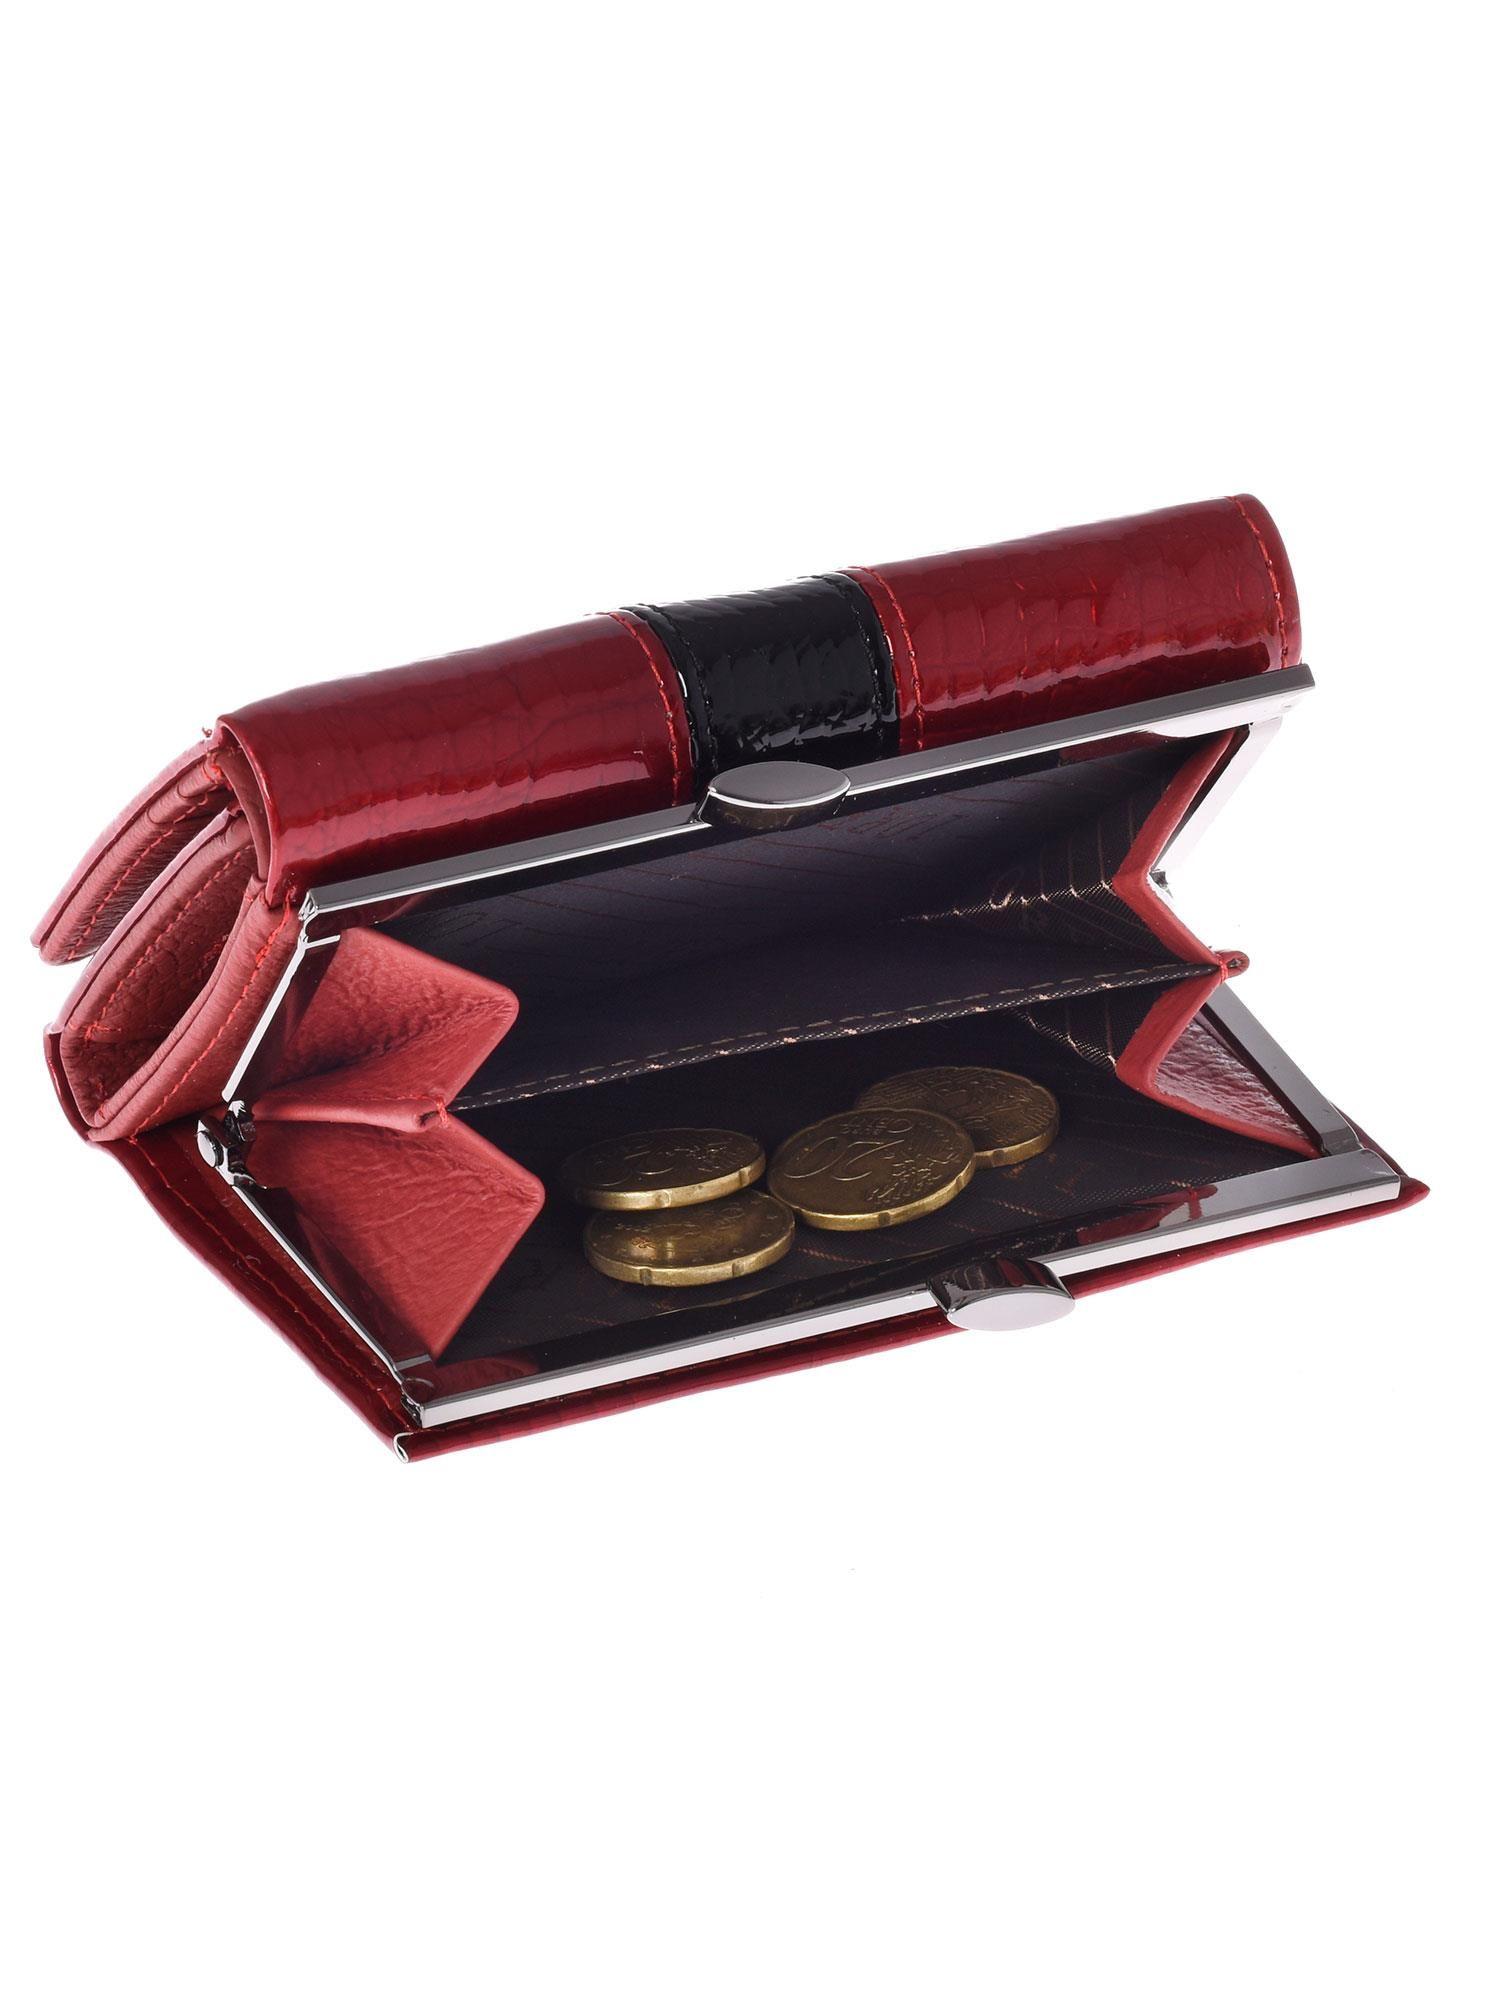 39d1ee18894f3 3 · Czerwony skórzany portfel damski ze wzorem skóry krokodyla ...